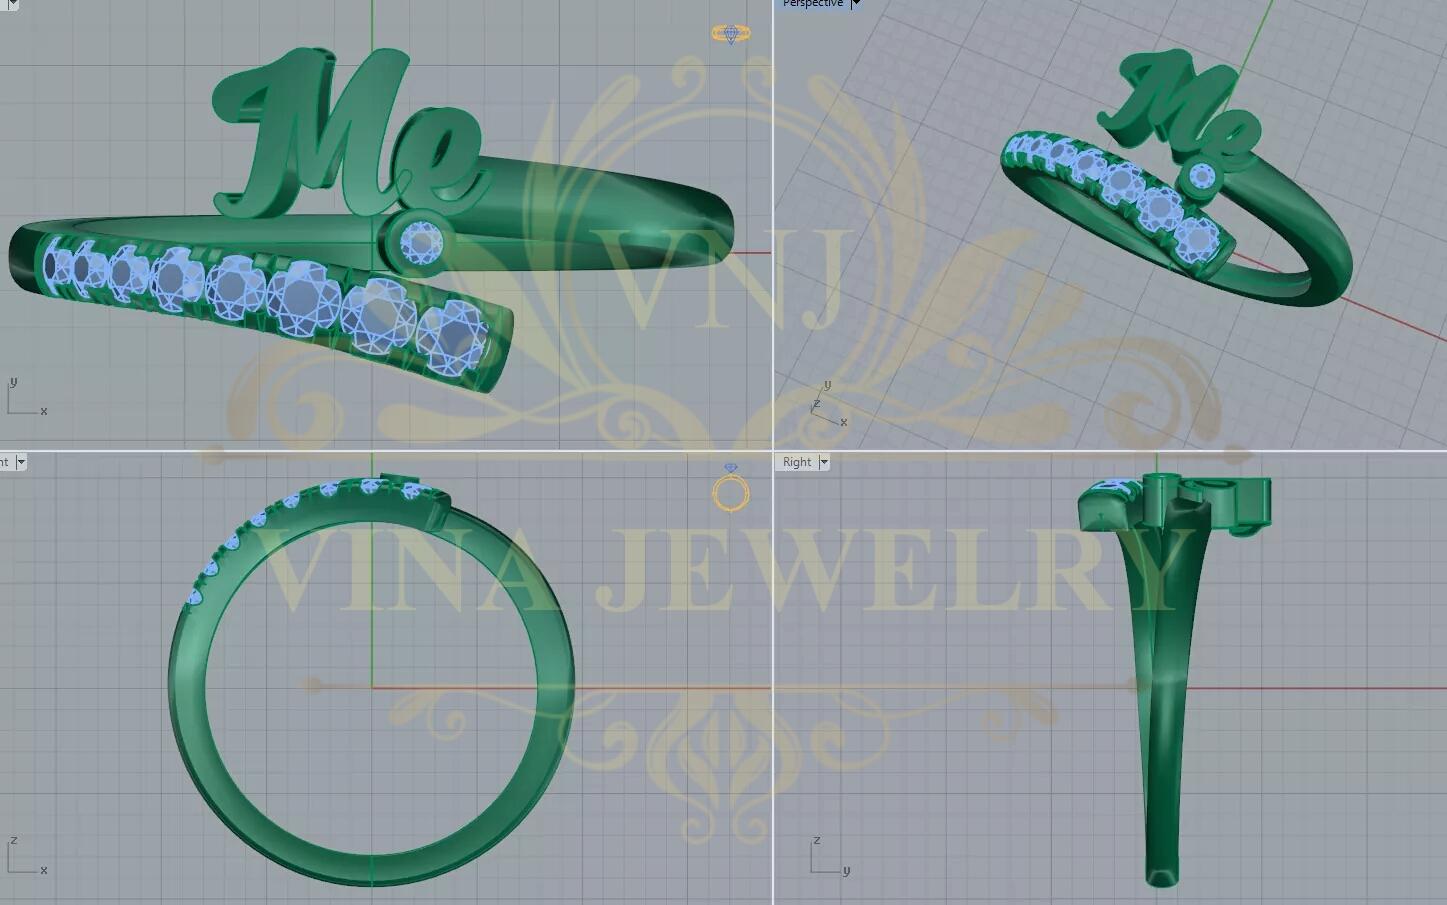 Thiết kế trang sức theo vẽ mẫu vẽ công nghệ 3d